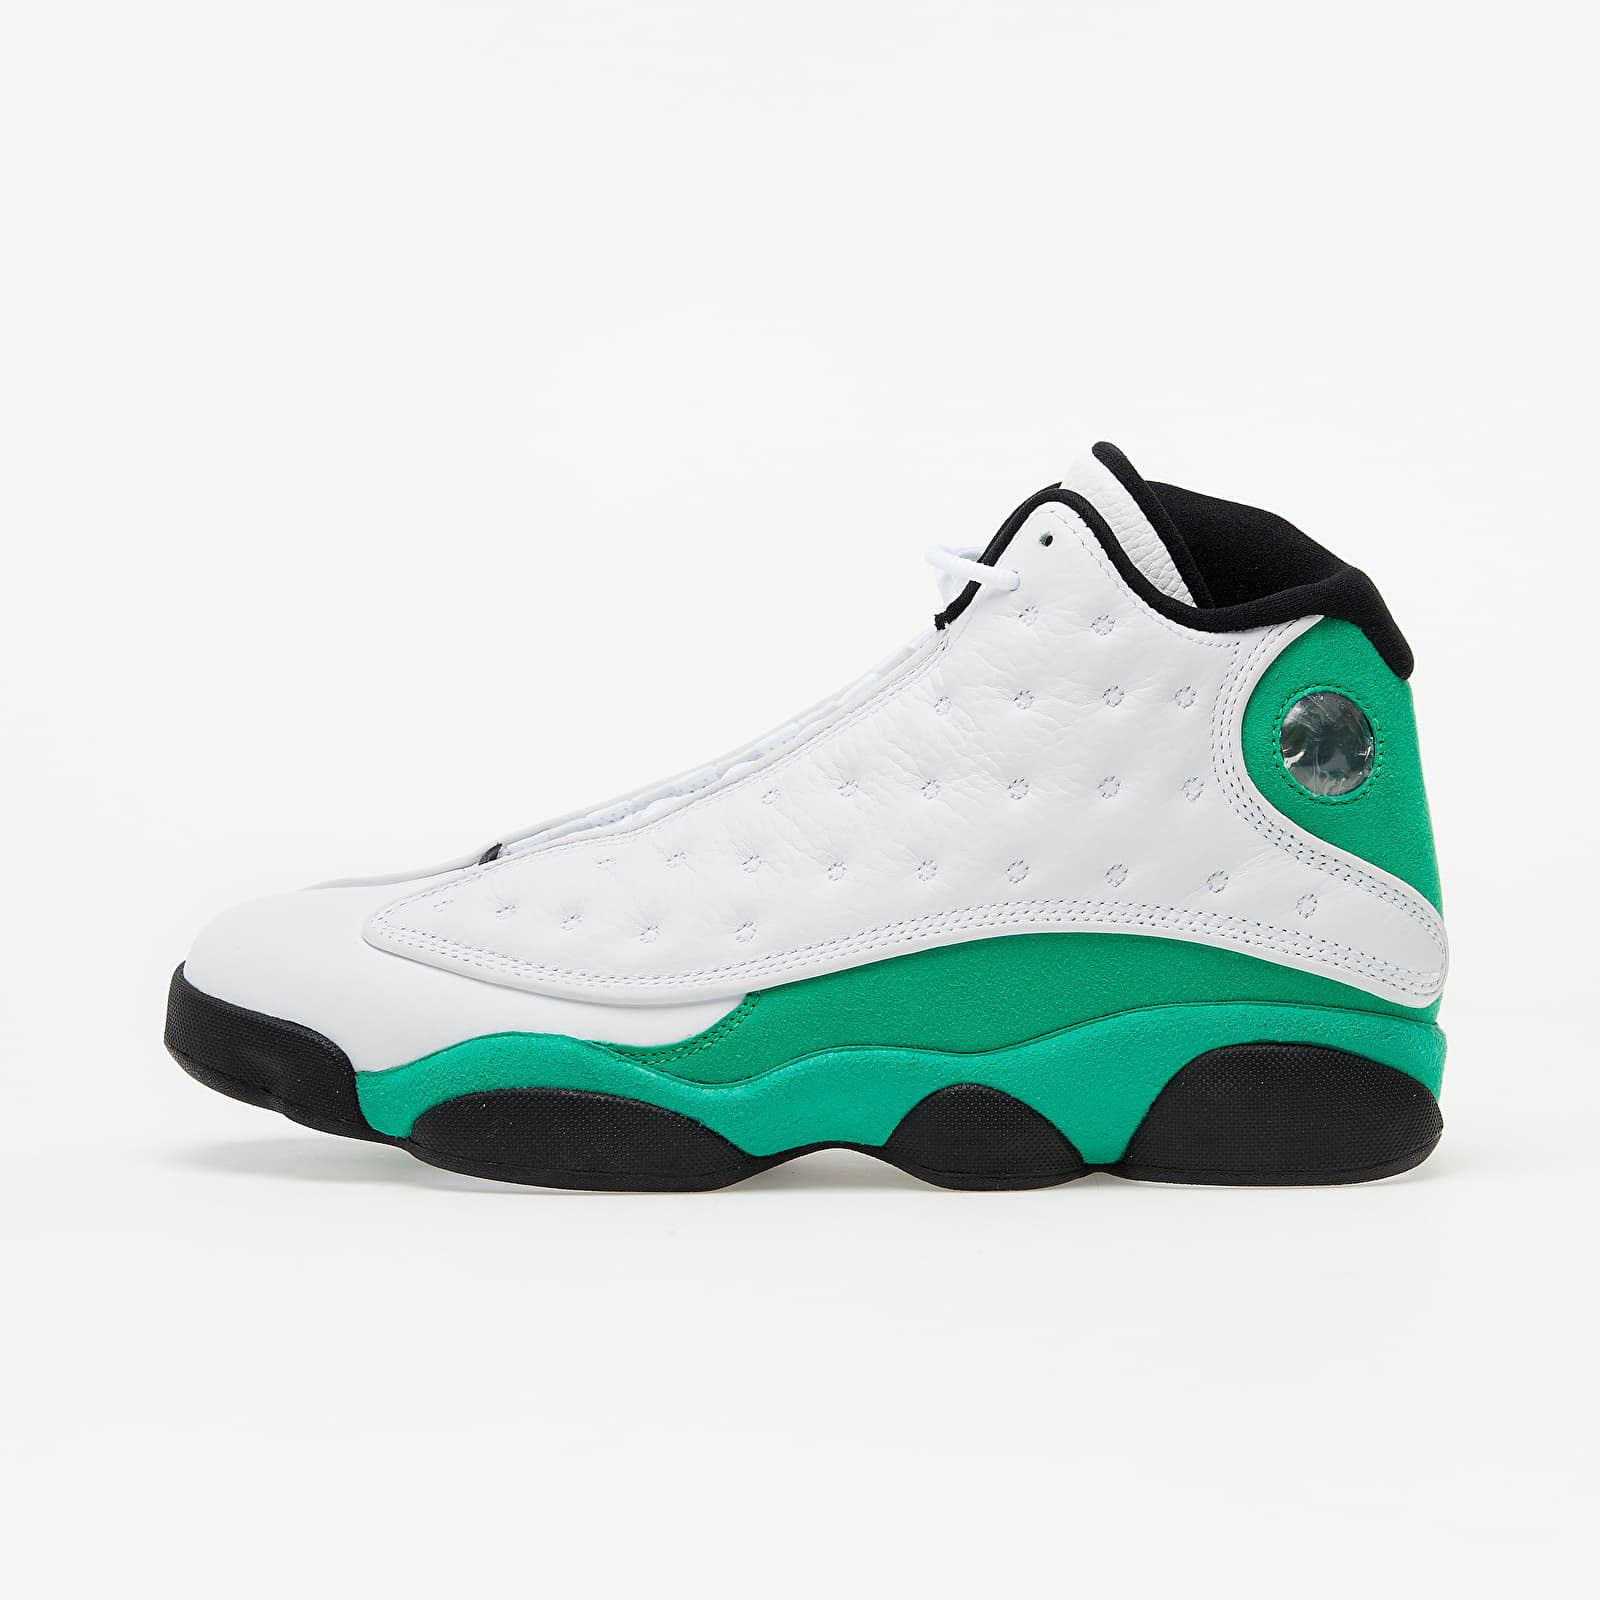 Zapatillas Hombre Air Jordan 13 Retro White/ Lucky Green-Black